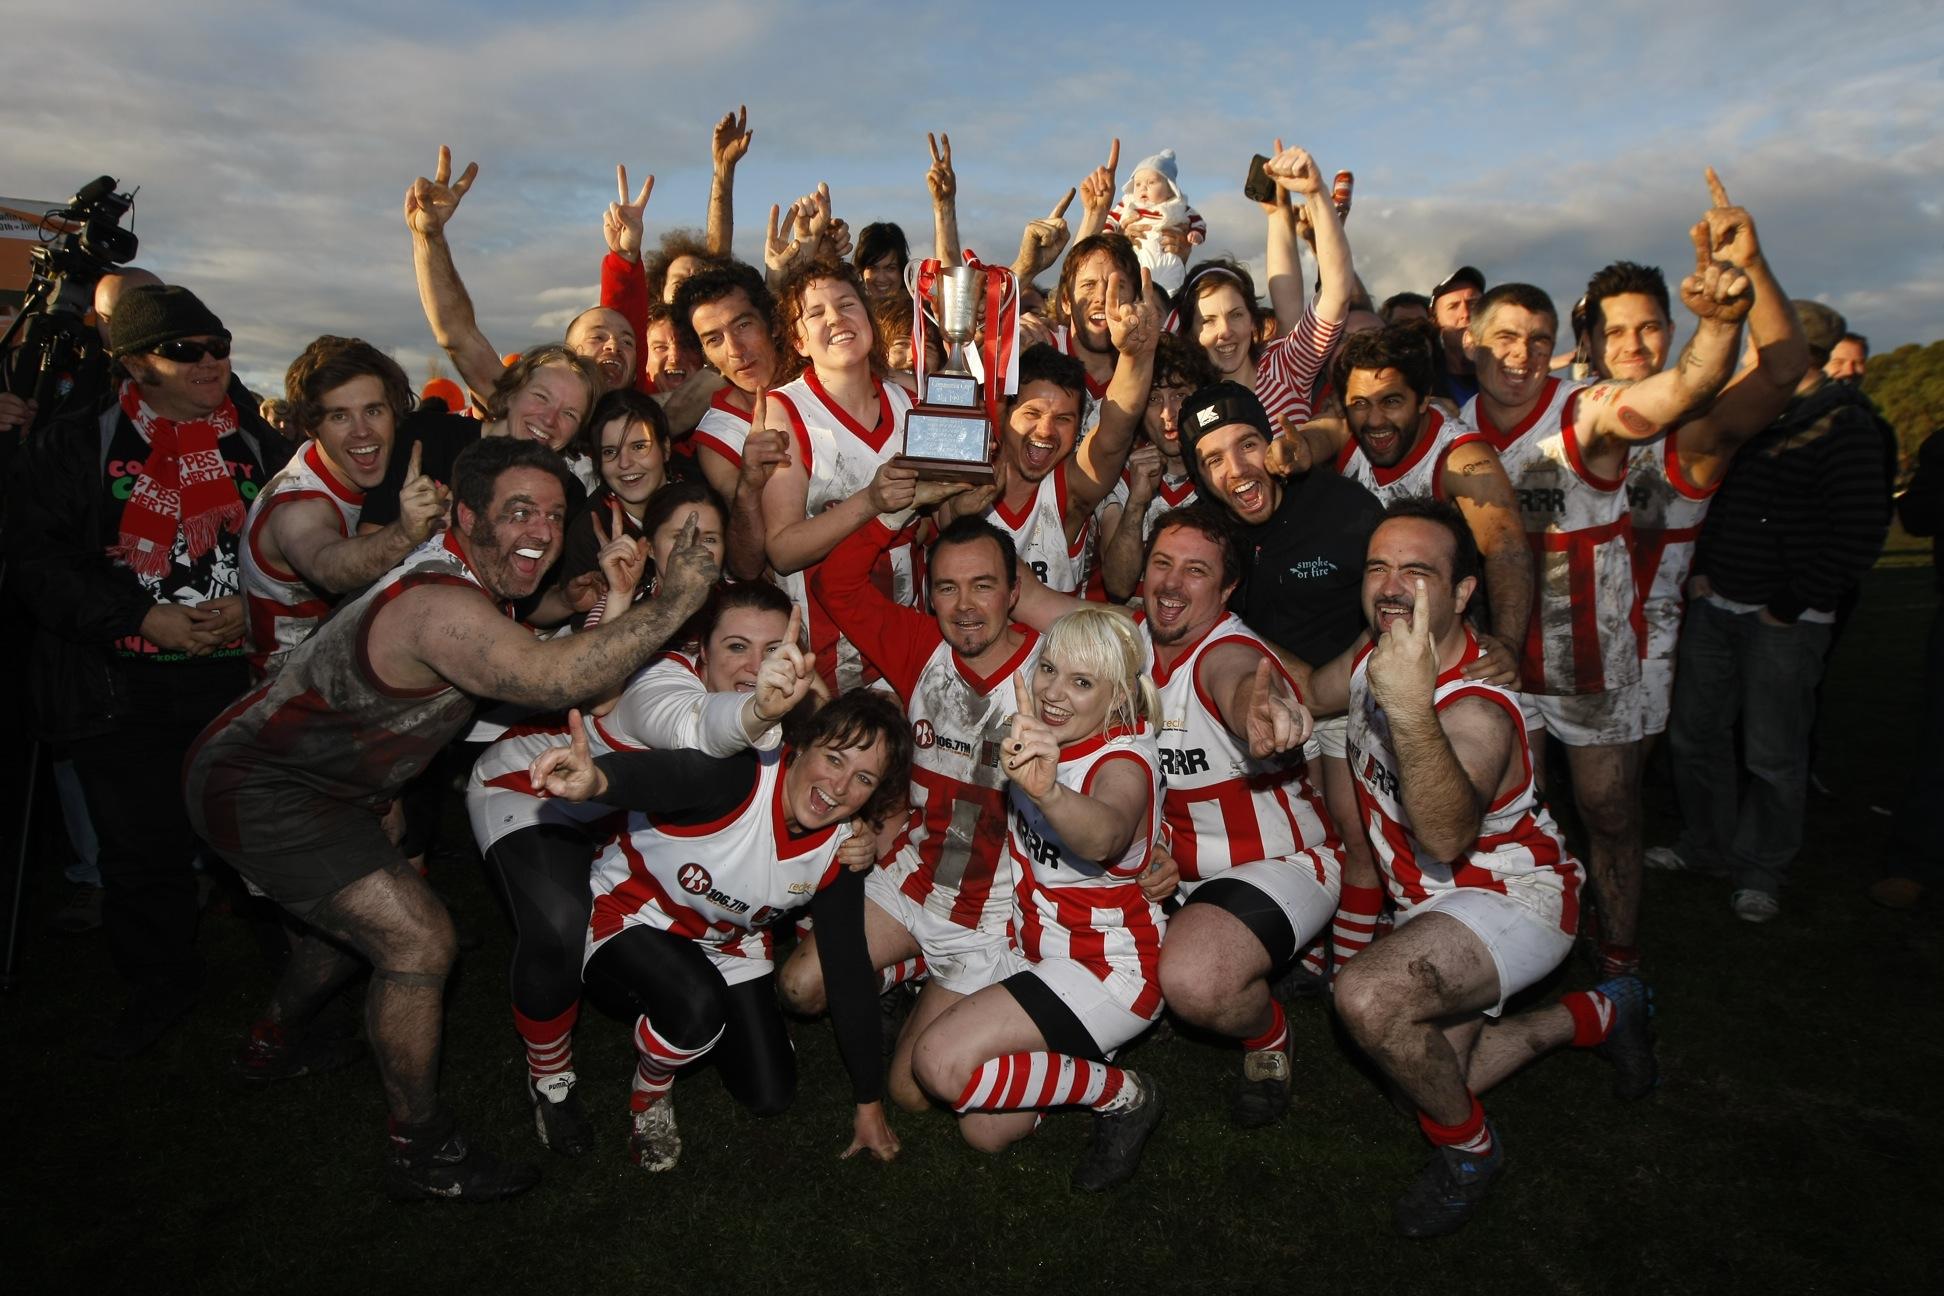 Reclink Community Cup 2010